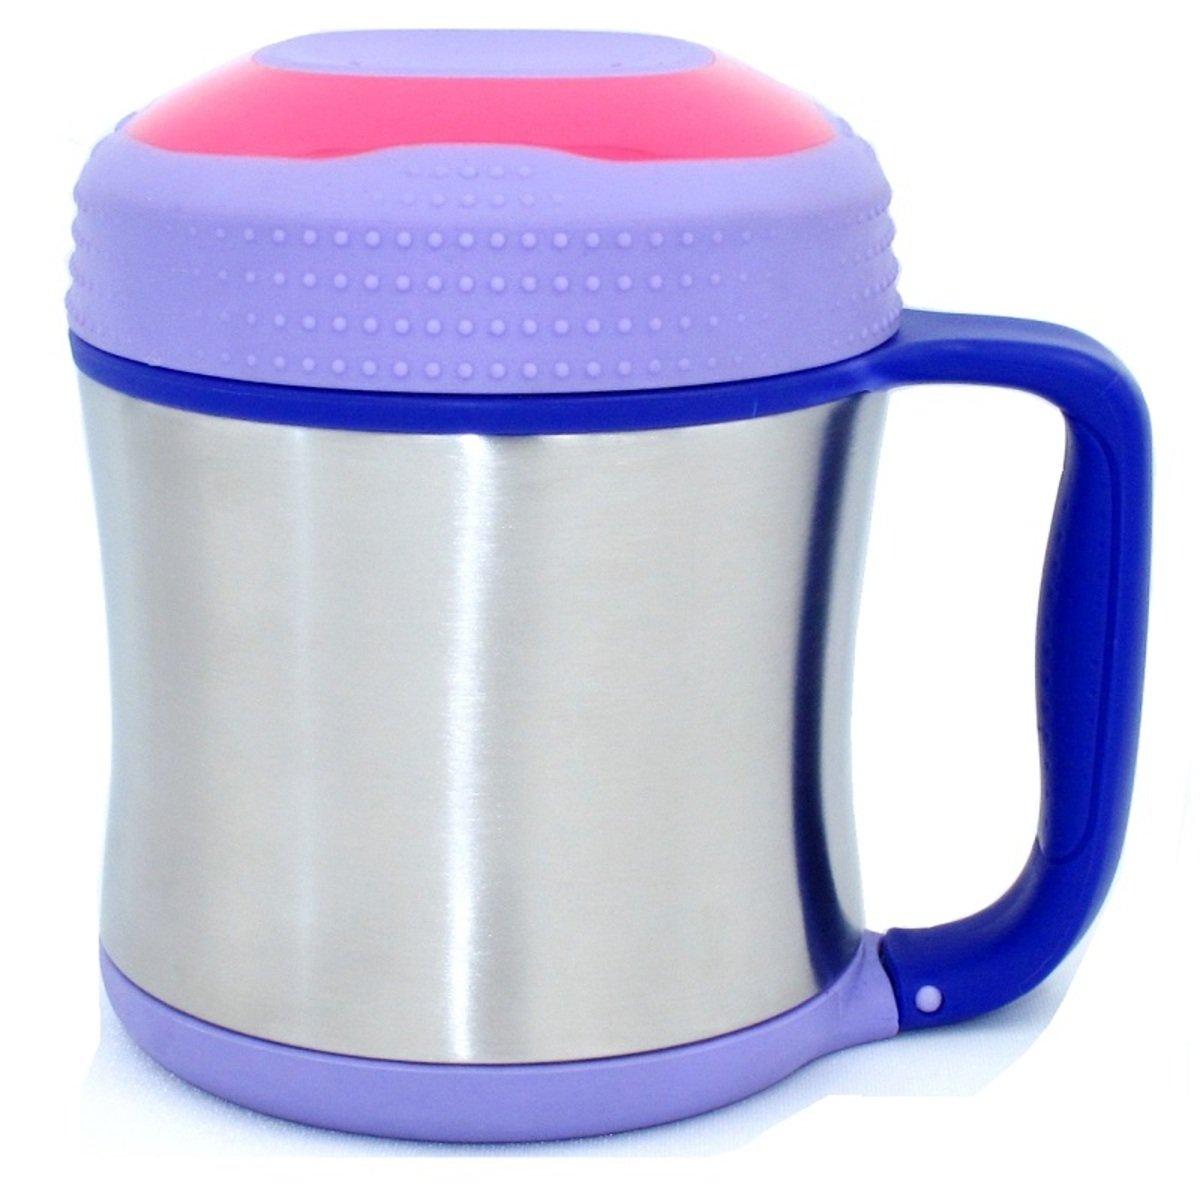 兒童食物杯 (不銹鋼j真空)-紫藤花色